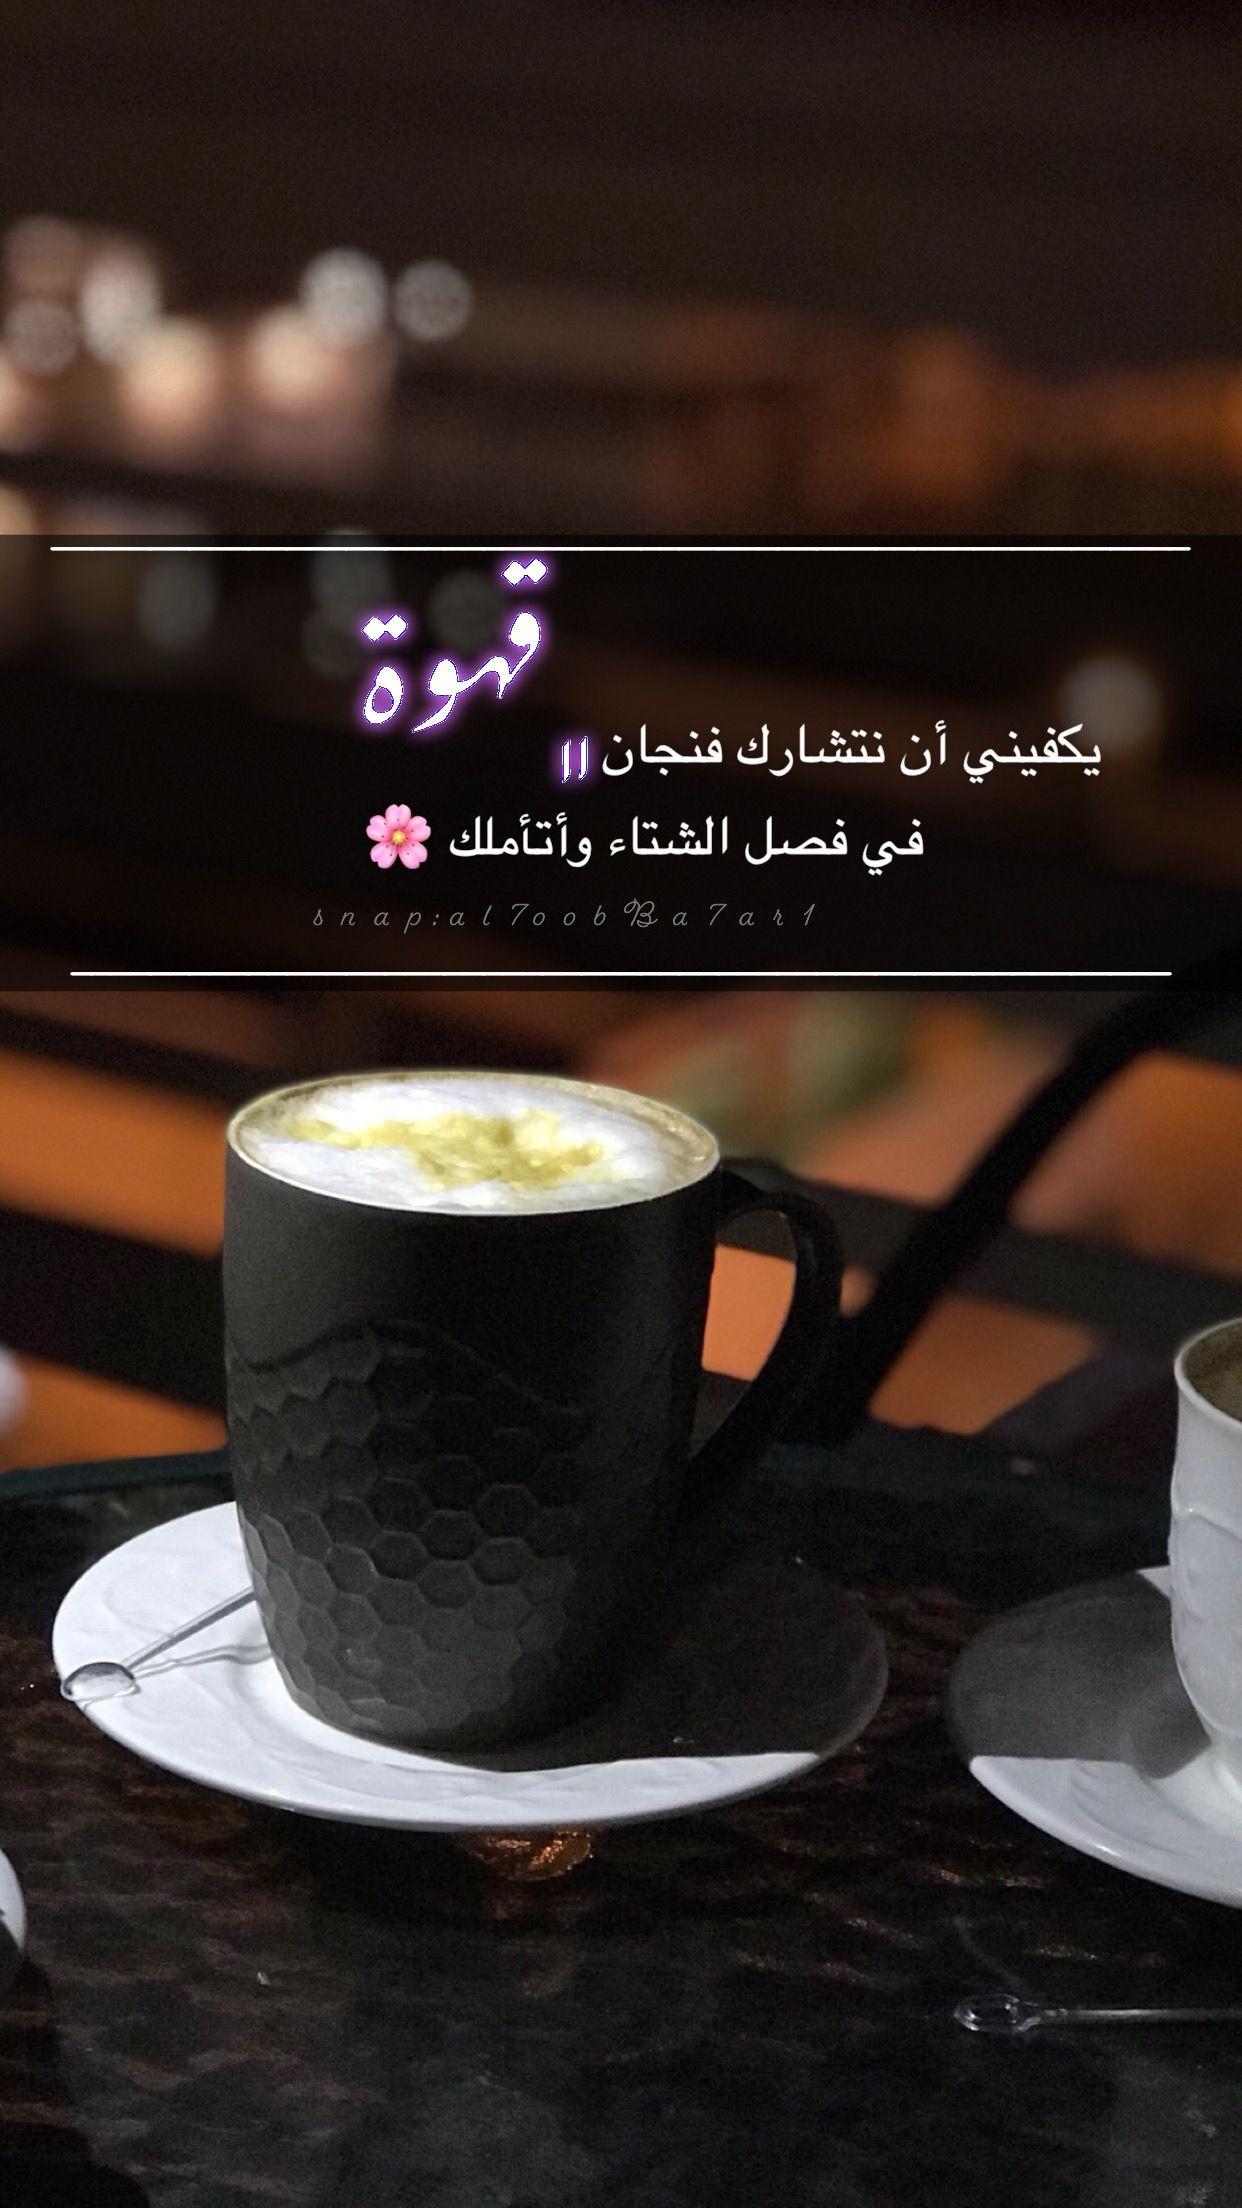 همسة يكفيني أن نتشارك فنجان قهوة في فصل الشتاء وأتأملك تصويري تصويري سناب تصميمي تصميم عزل بورت Cool Braid Hairstyles Cool Braids Glassware